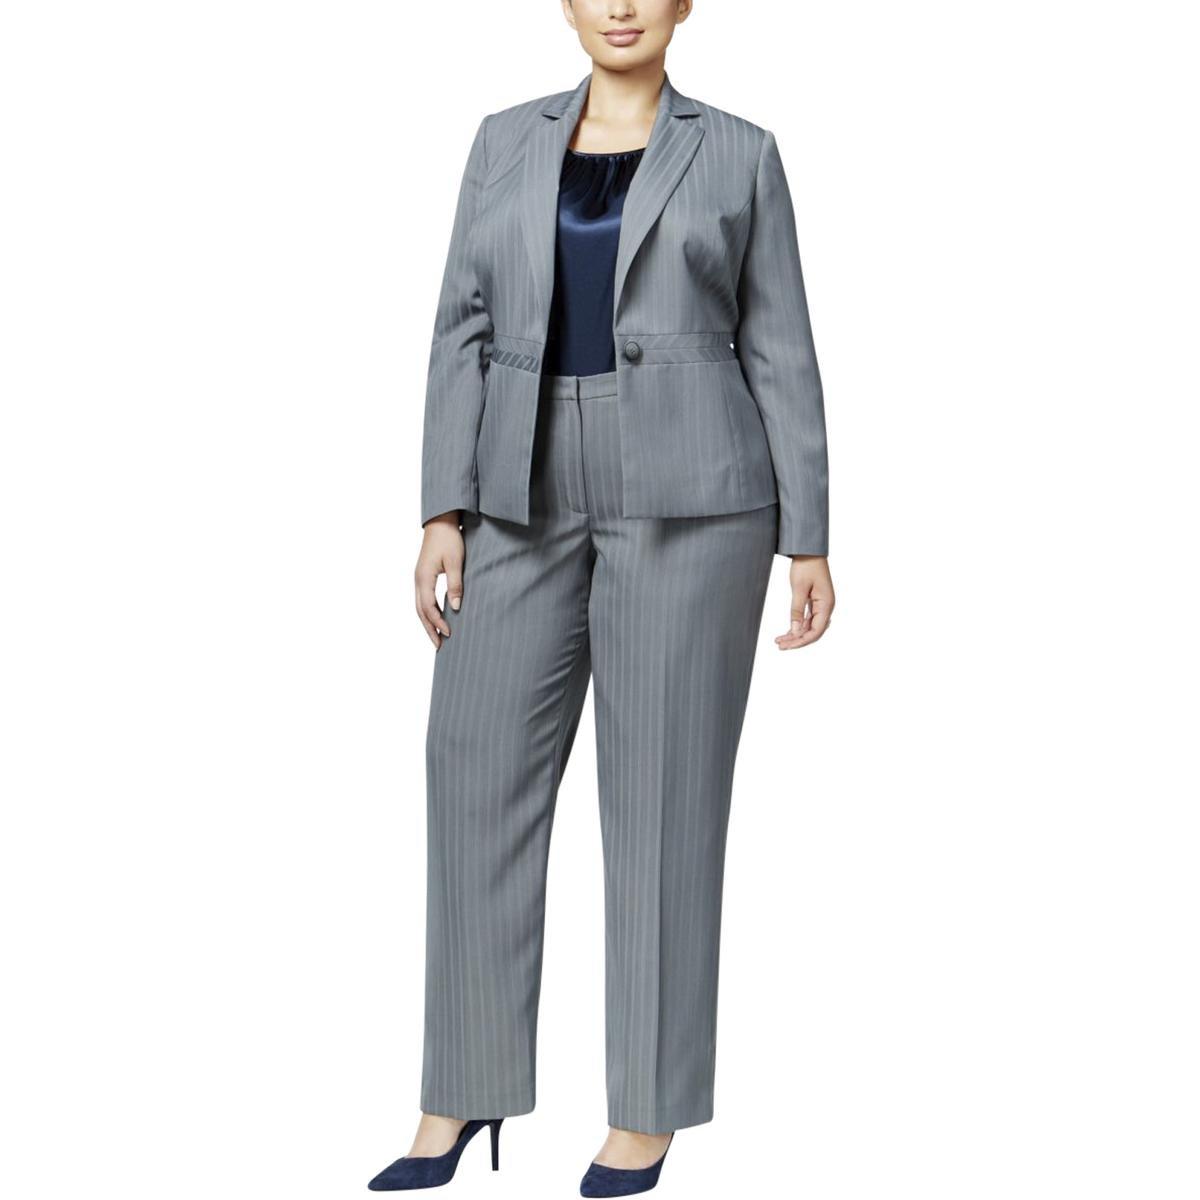 Le Suit Women's Plus Size Stripe 1 Button Jacket Pant Suit with Cami, Stone/Midnight, 18W by Le Suit